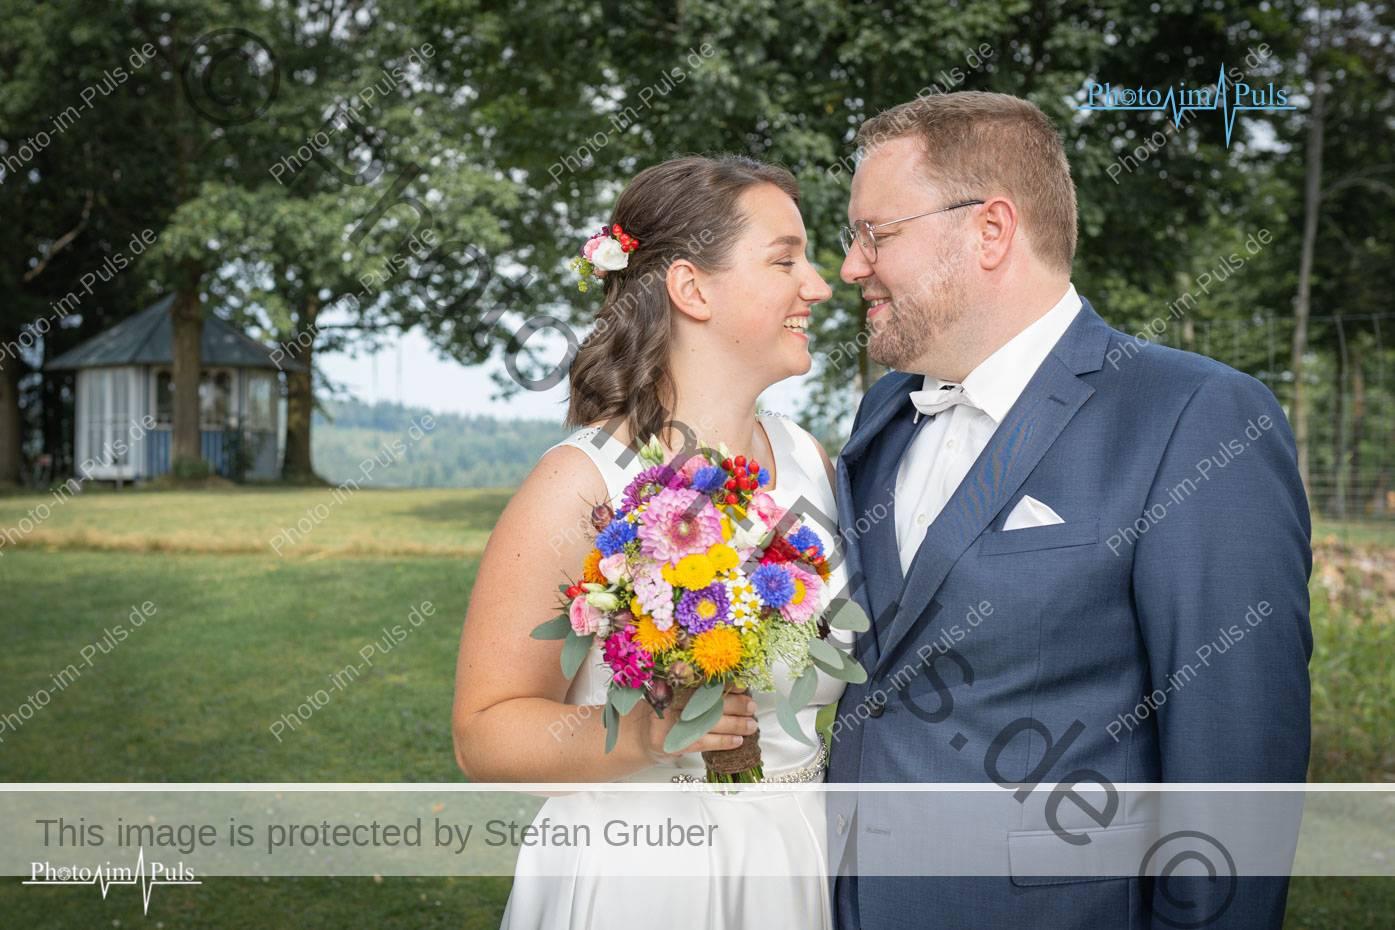 Fotograf-Hochzeitsfotograf-Pocking-Passau-FotoBox-mieten-Niederbayern-Waldkirchen-Freyung-Deggendorf-Vilshofen-Fuerstenzell-Pocking-Hochzeitsfoto-fotoshooting-shooting